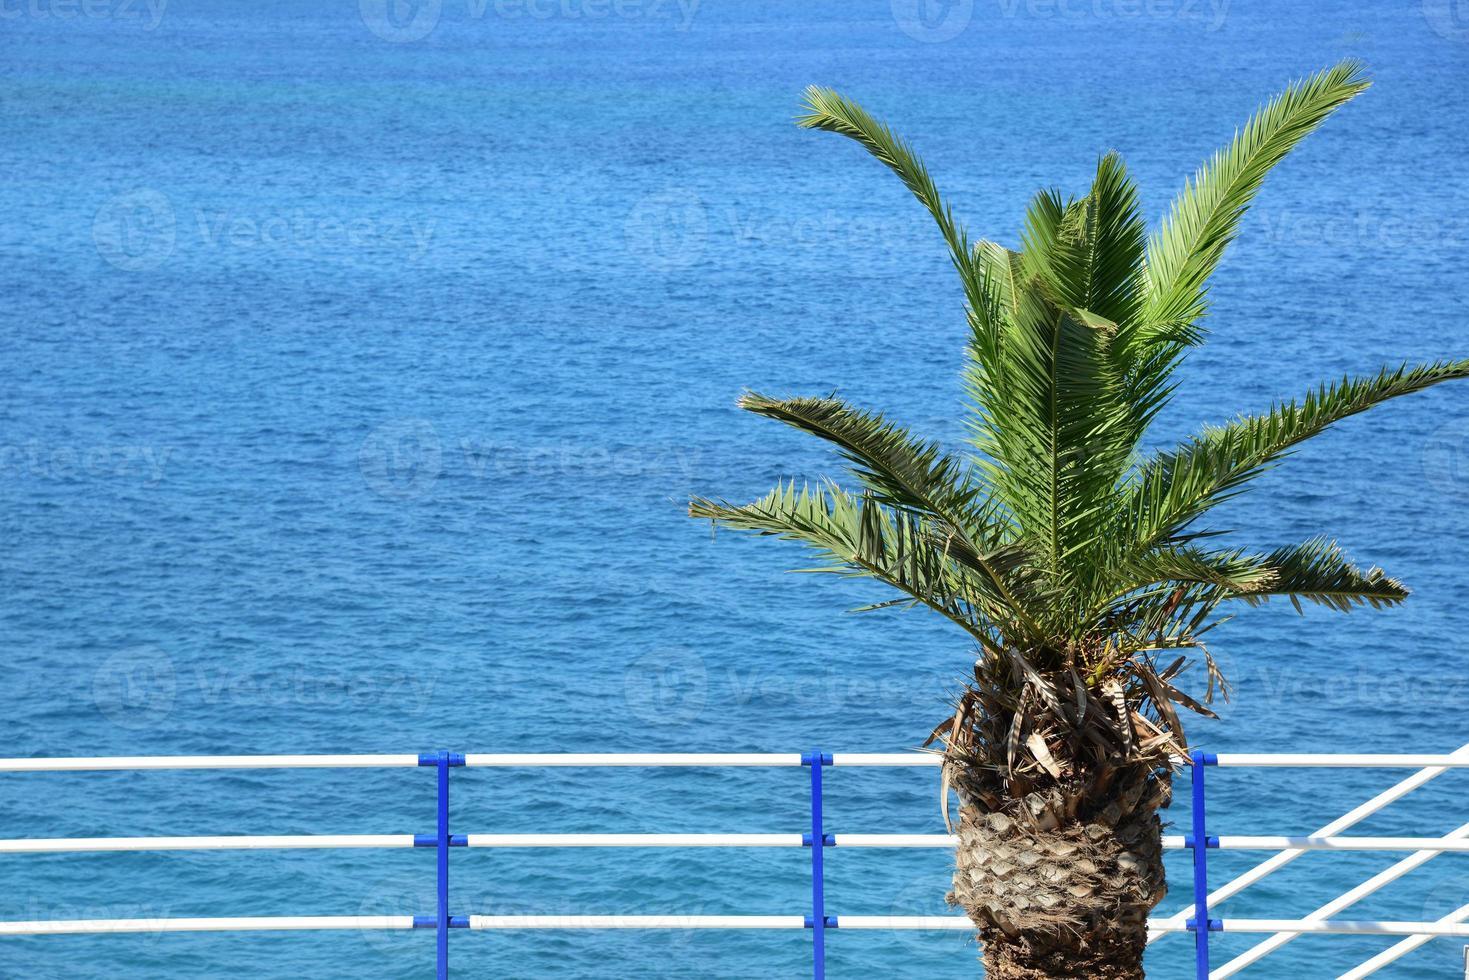 la mer et un palmier - station photo